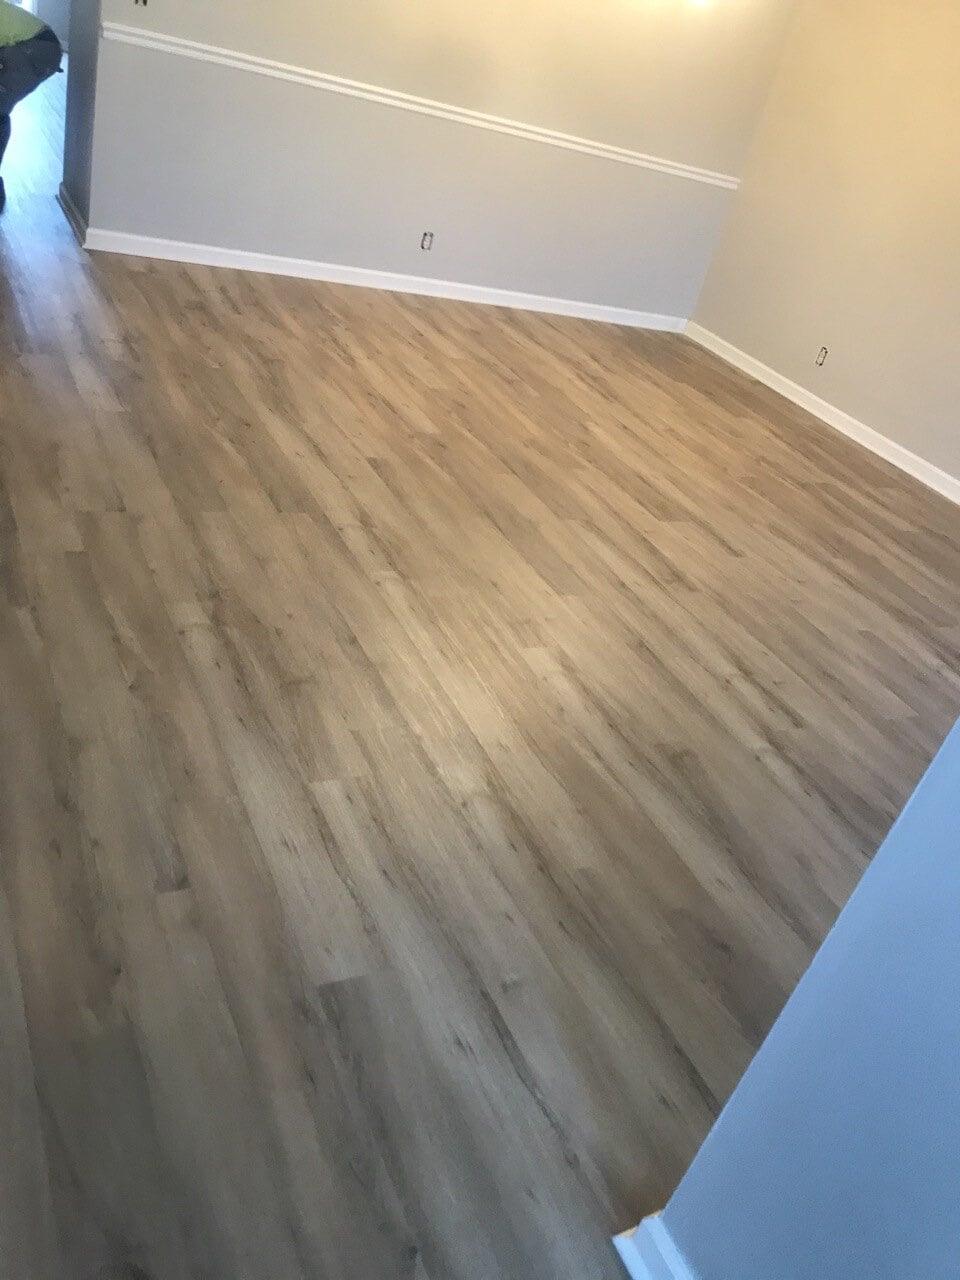 Modern vinyl flooring in Gallatin, TN from Absolute Flooring Inc